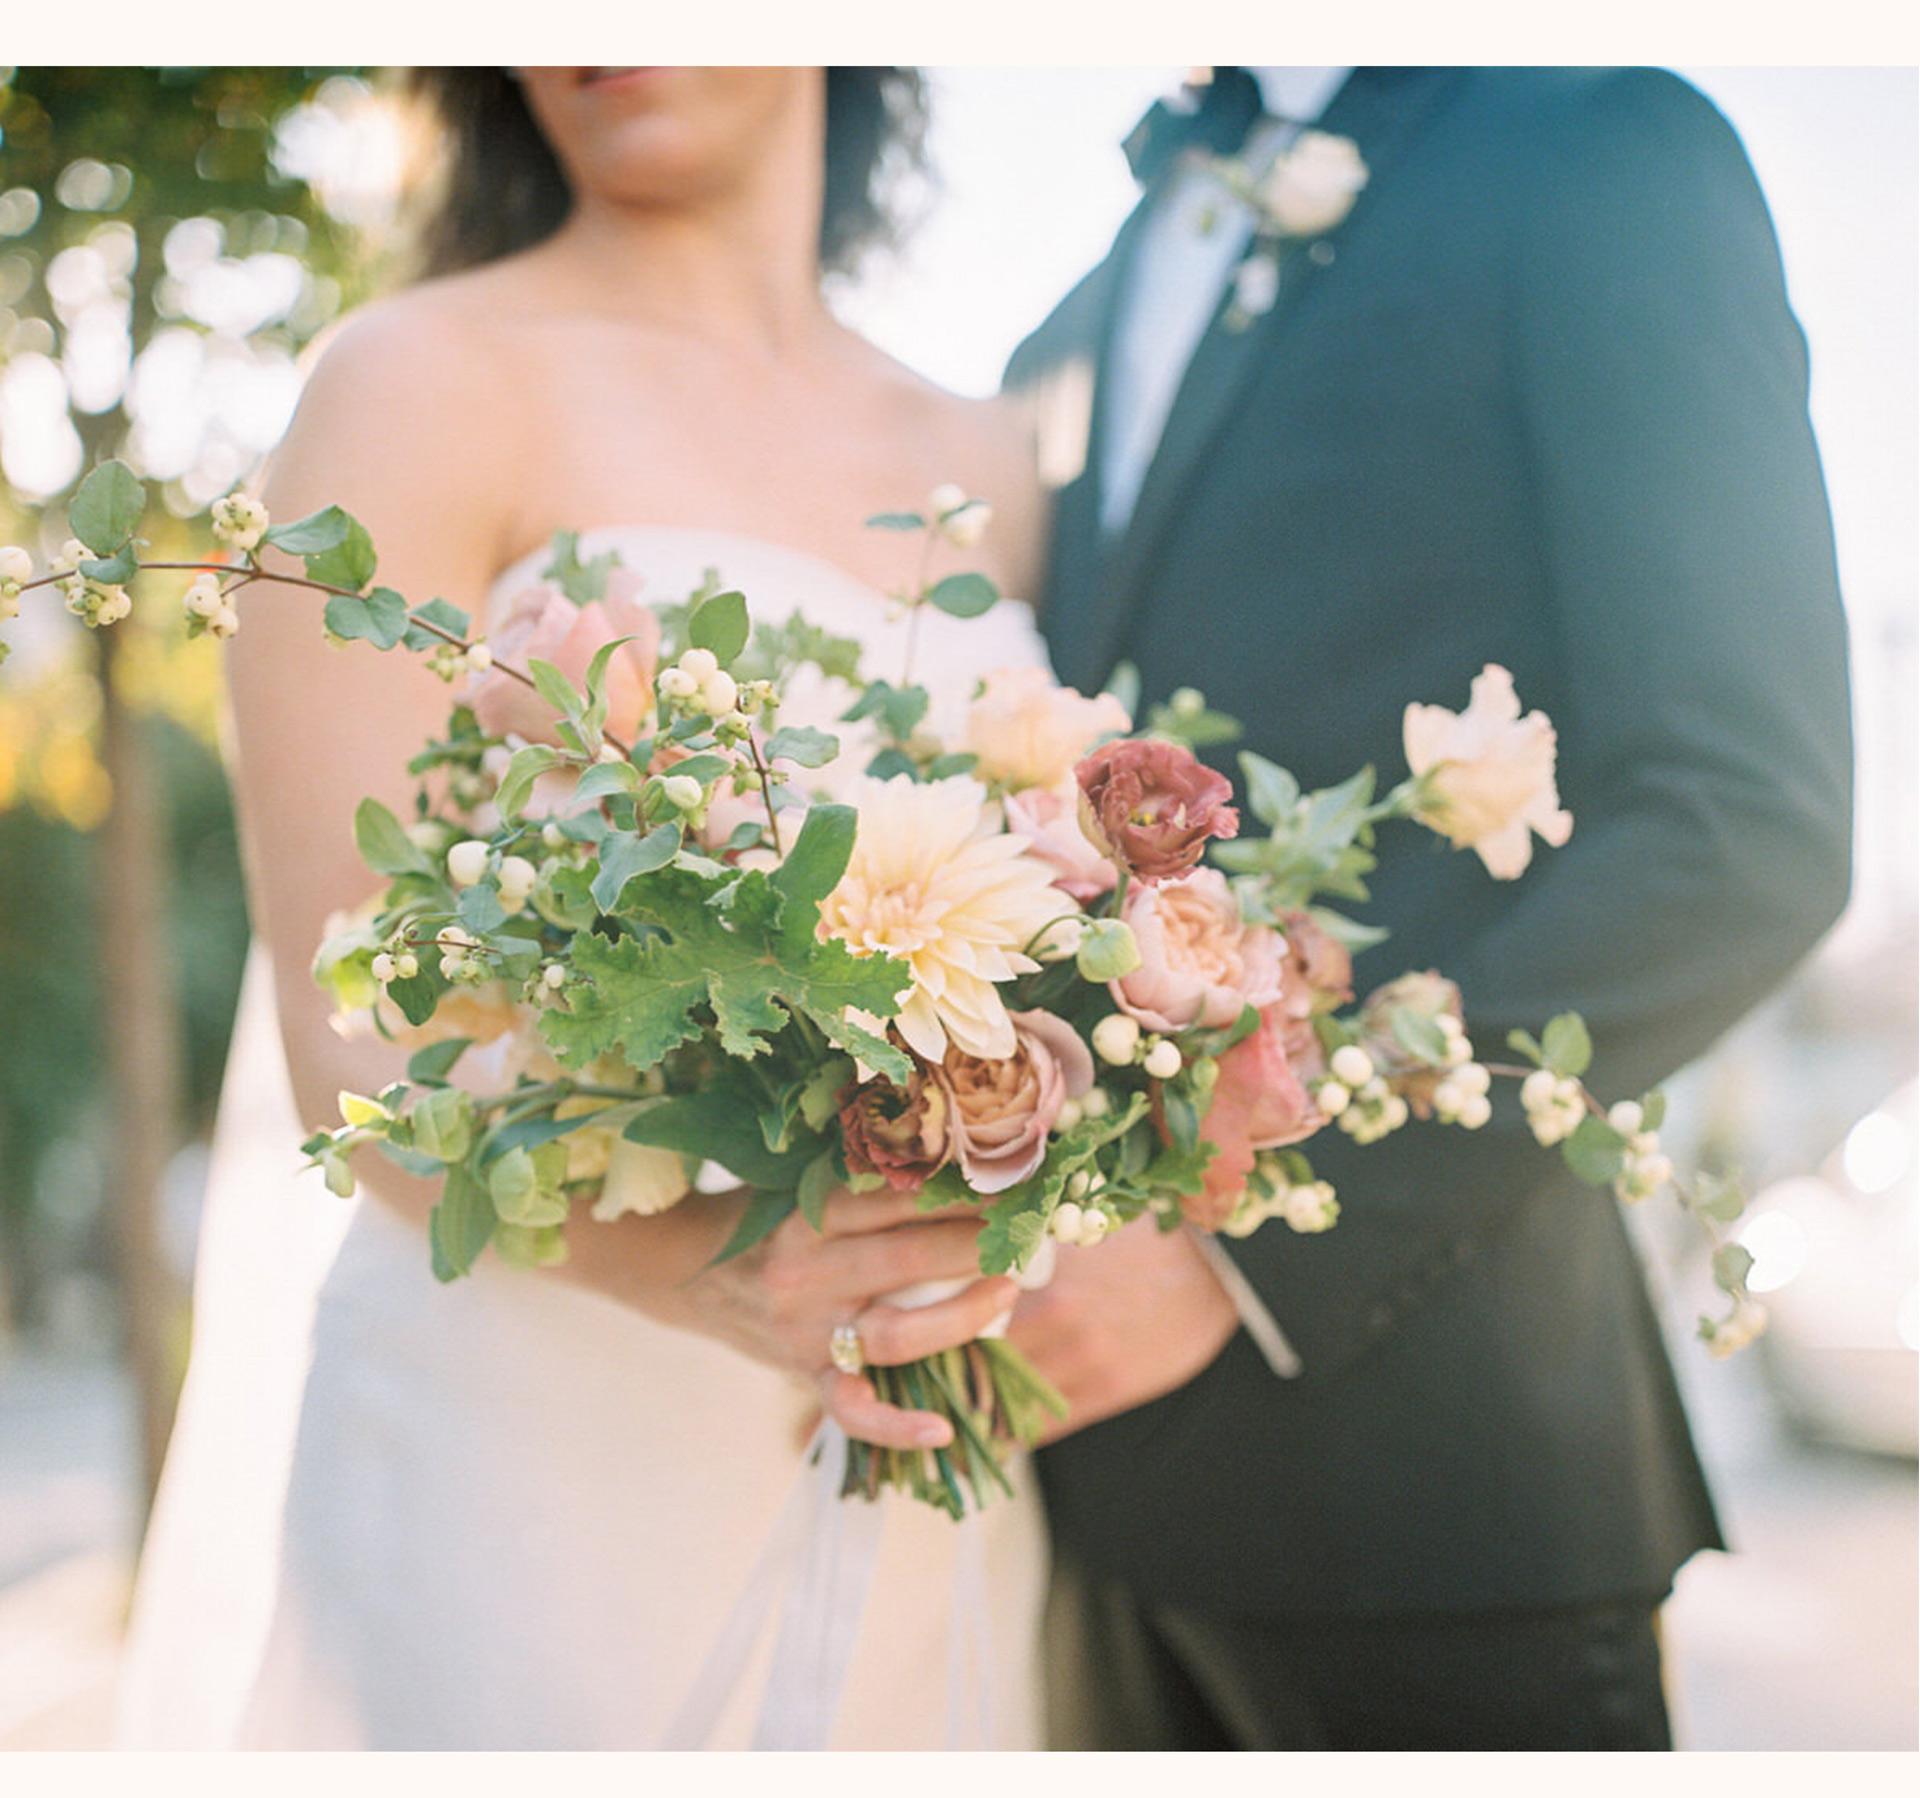 7 Brooklyn weddding photographer weylin - WEYLIN WEDDING IN WILLIAMSBURG - BROOKLYN, NY